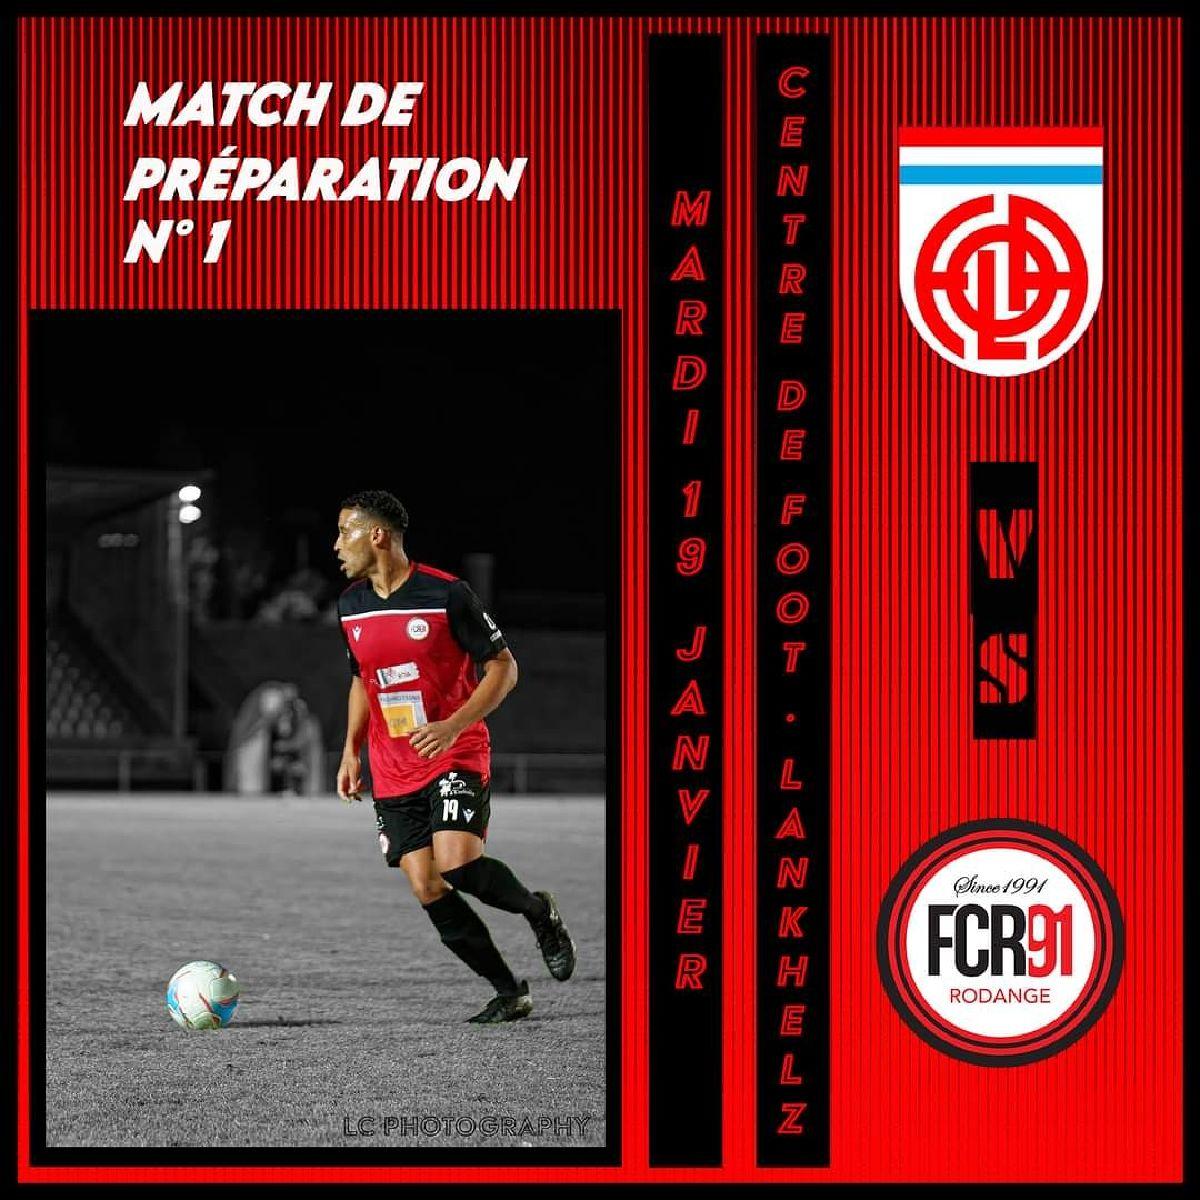 Match de préparation 1